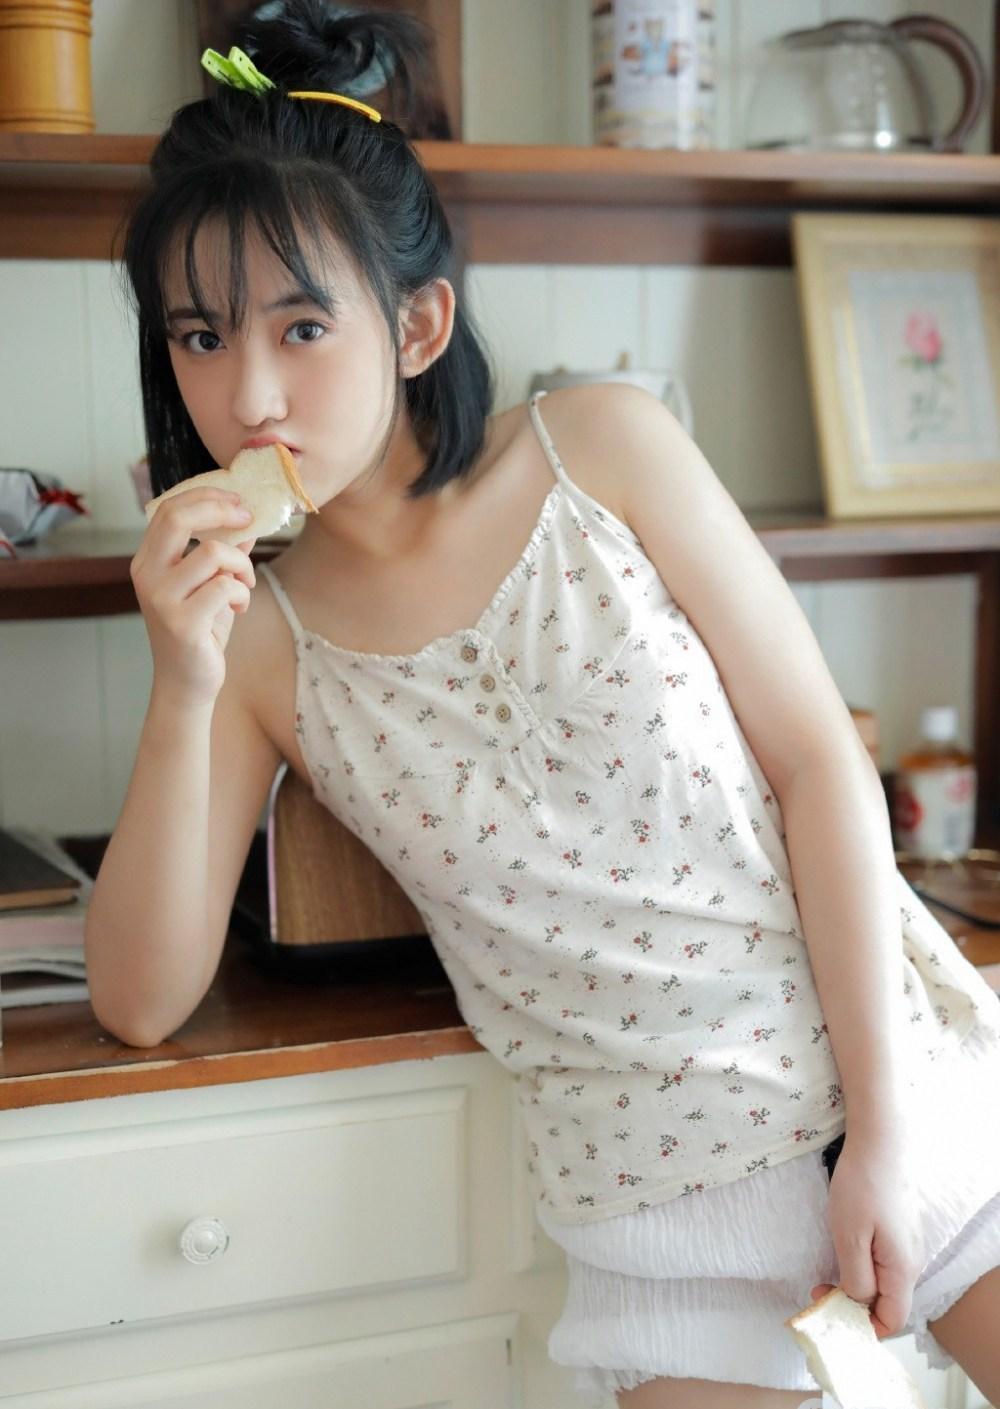 MARA-019美女御姐连体衣肥臀火爆身材性感性感美女图片